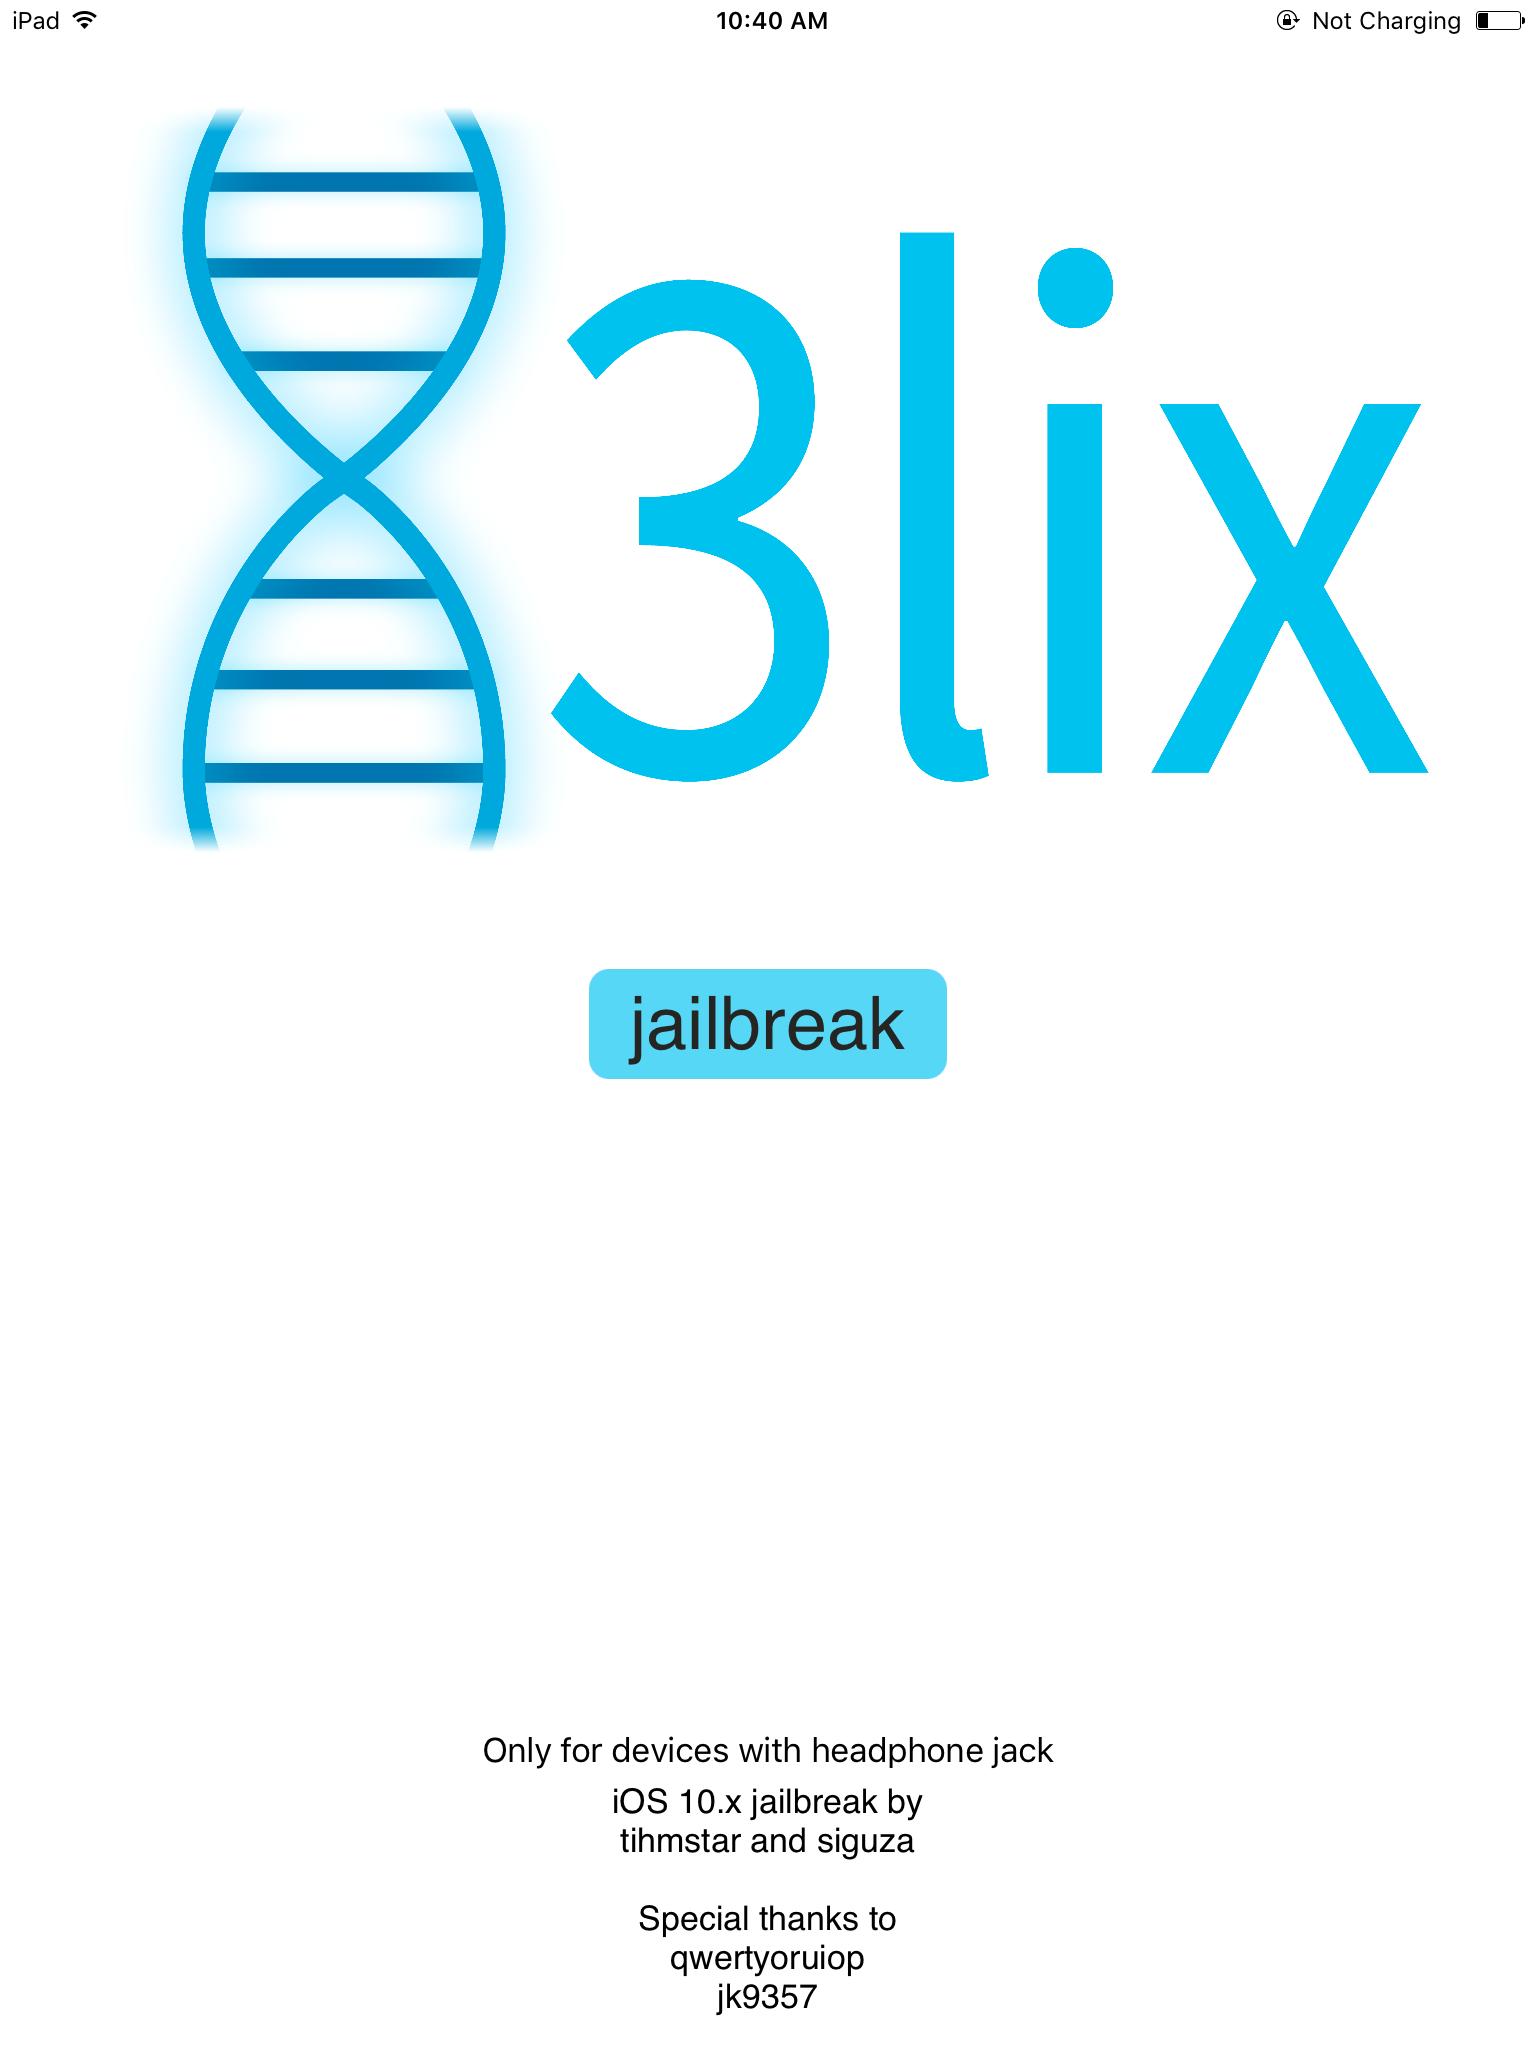 doubleh3lix jailbreak